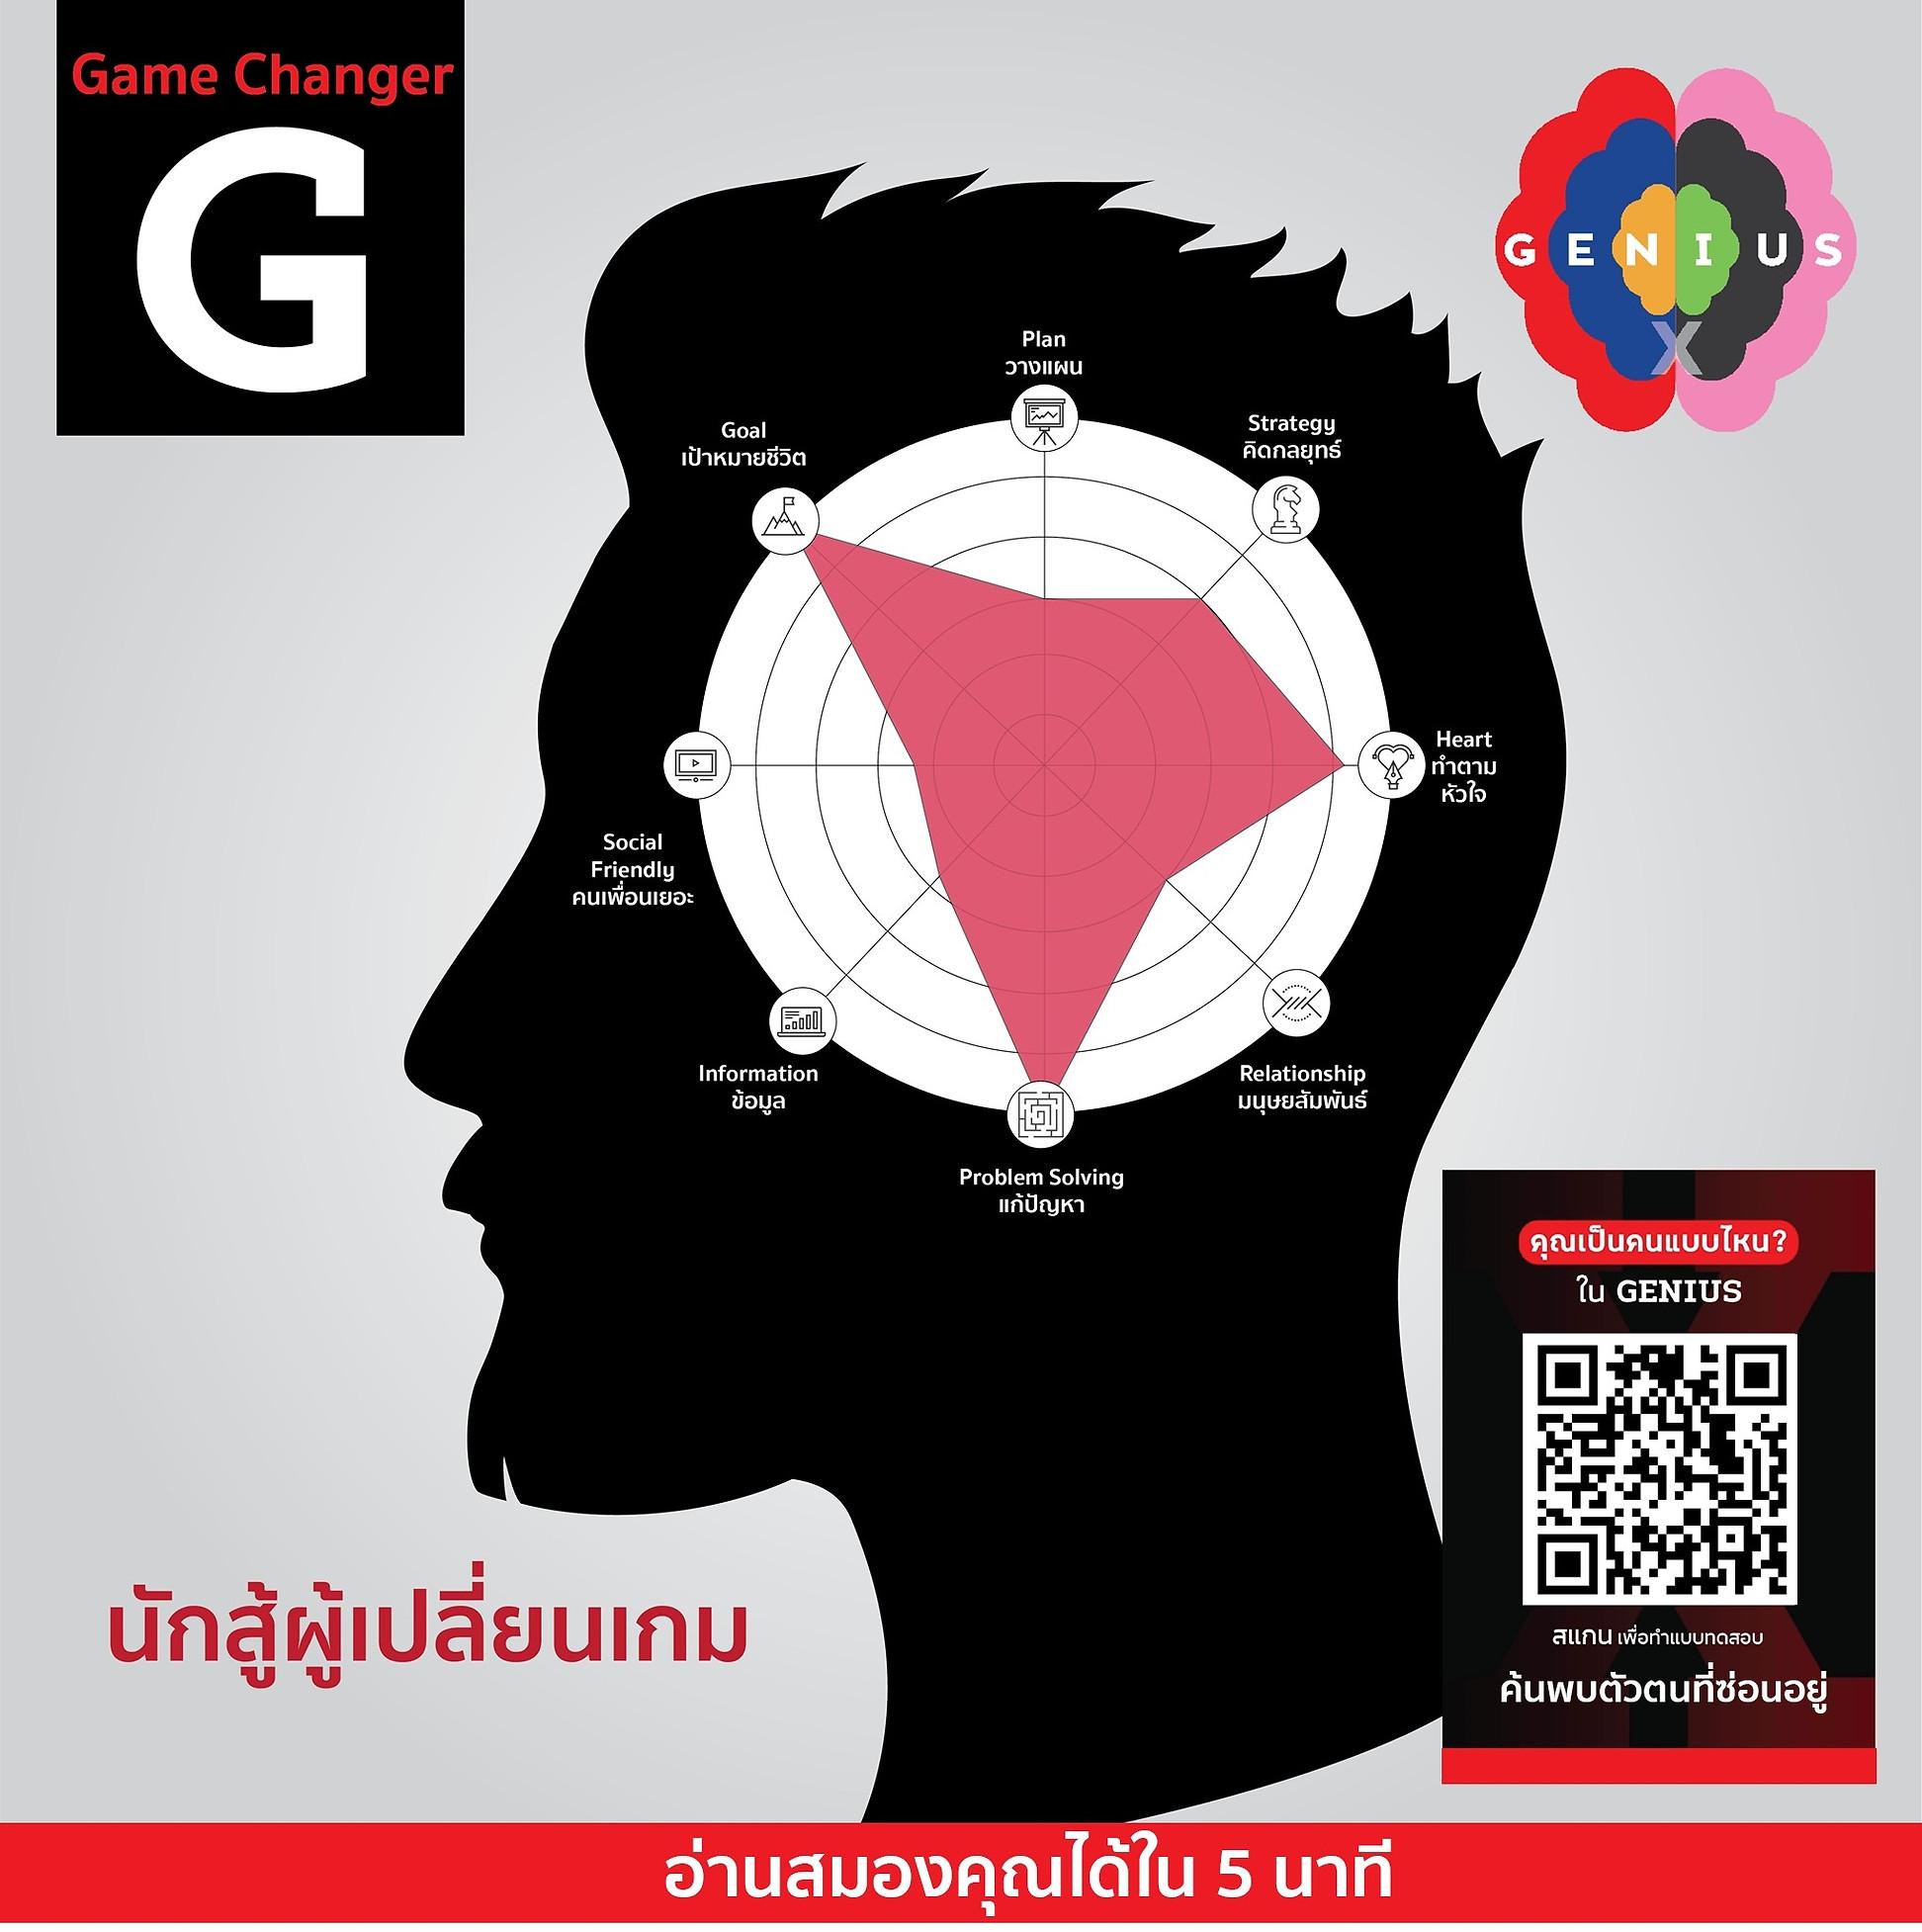 111 GX 001 Gamechanger.jpg